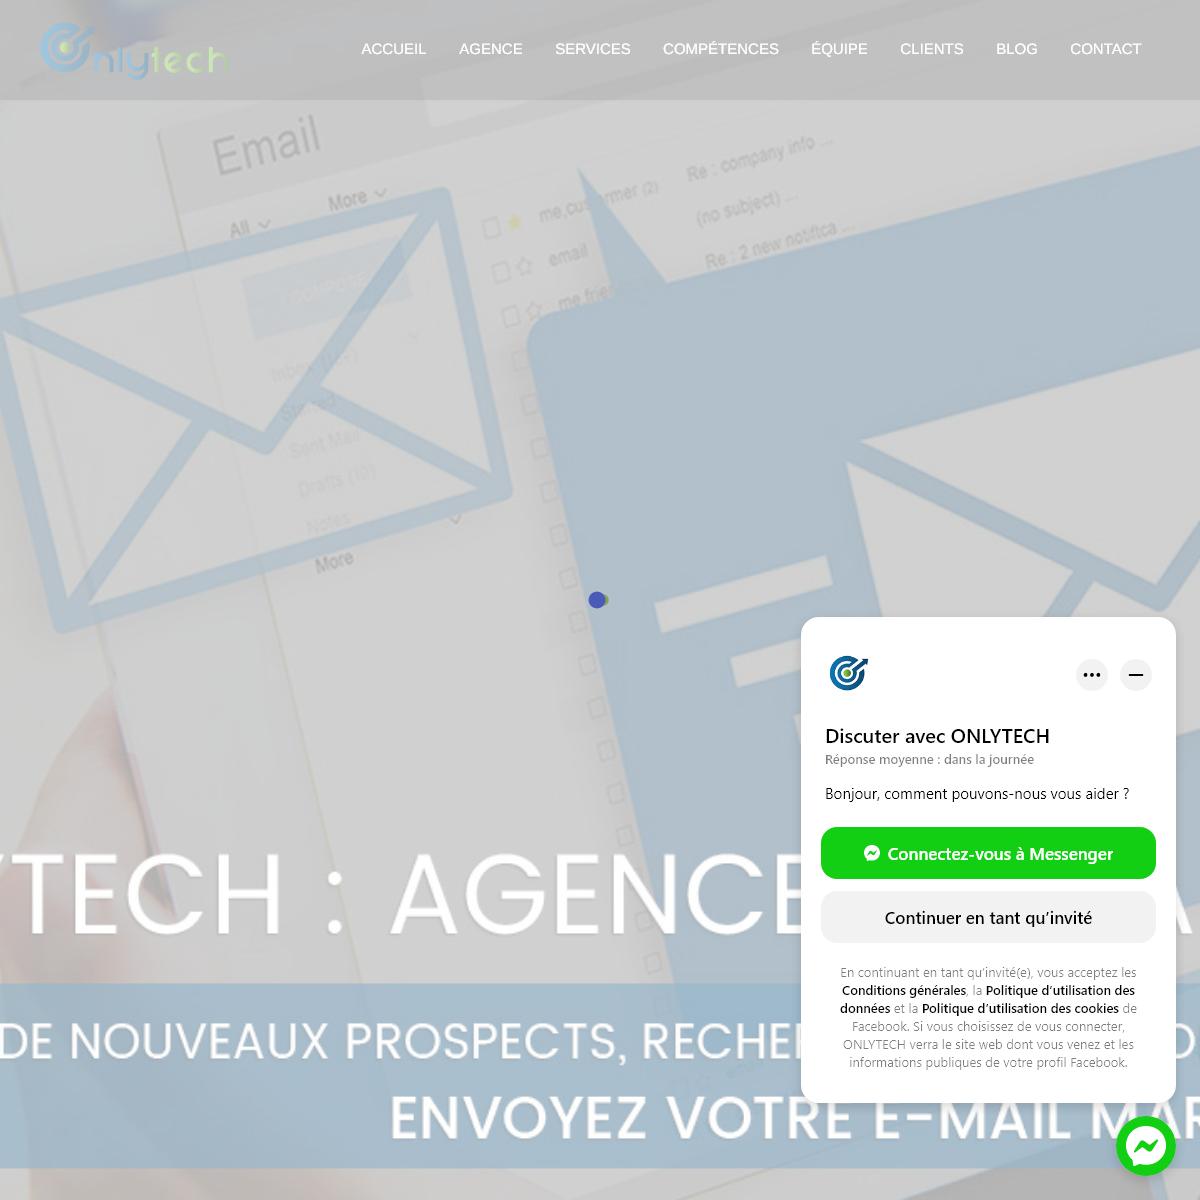 Agence de création et référencement de sites Web en Tunisie